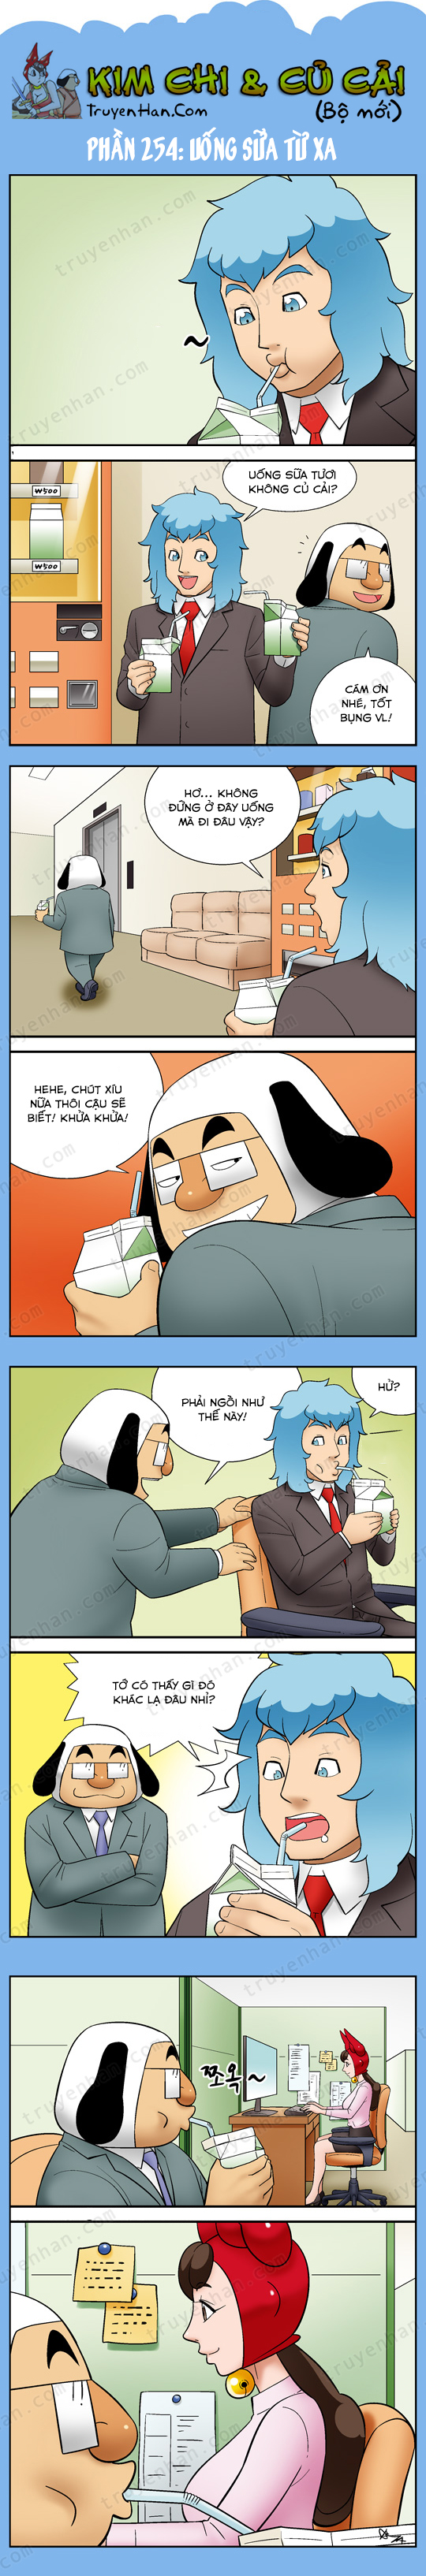 Kim Chi Và Củ Cải phần 254: Uống sữa từ xa